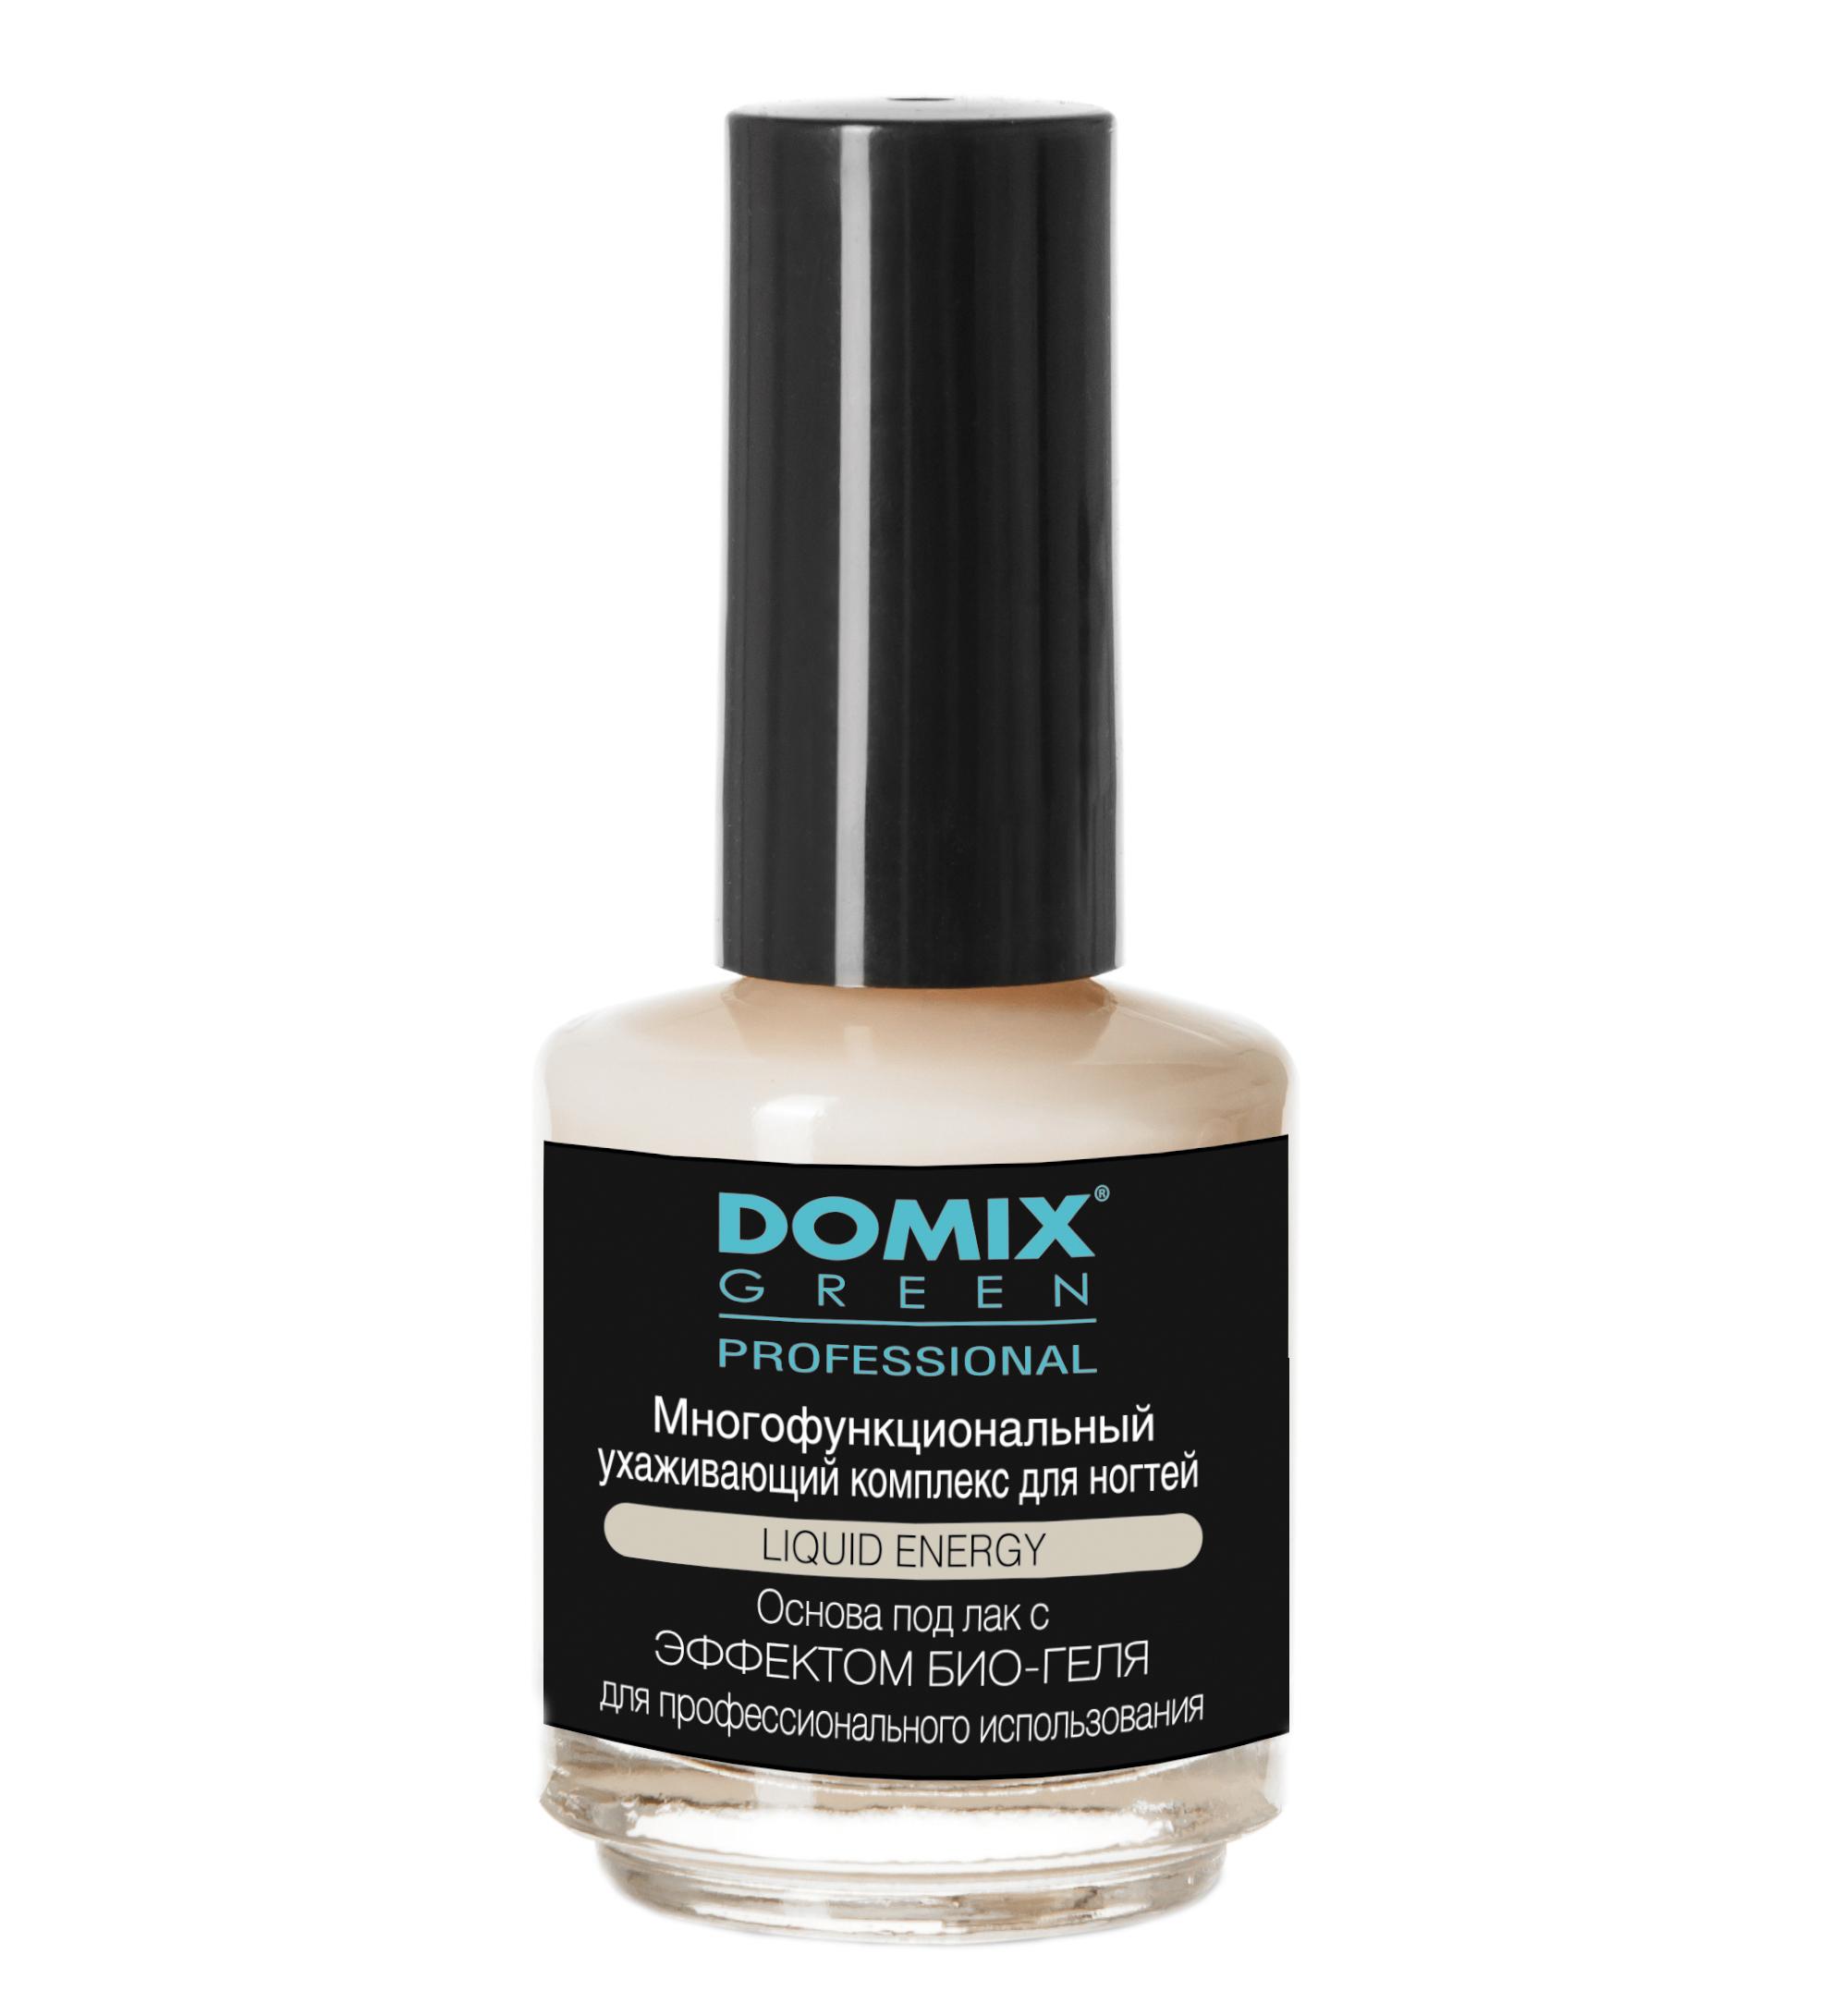 Купить Domix ухаживающий многофункциональный для ногтей, 17 мл, Domix Green Professional